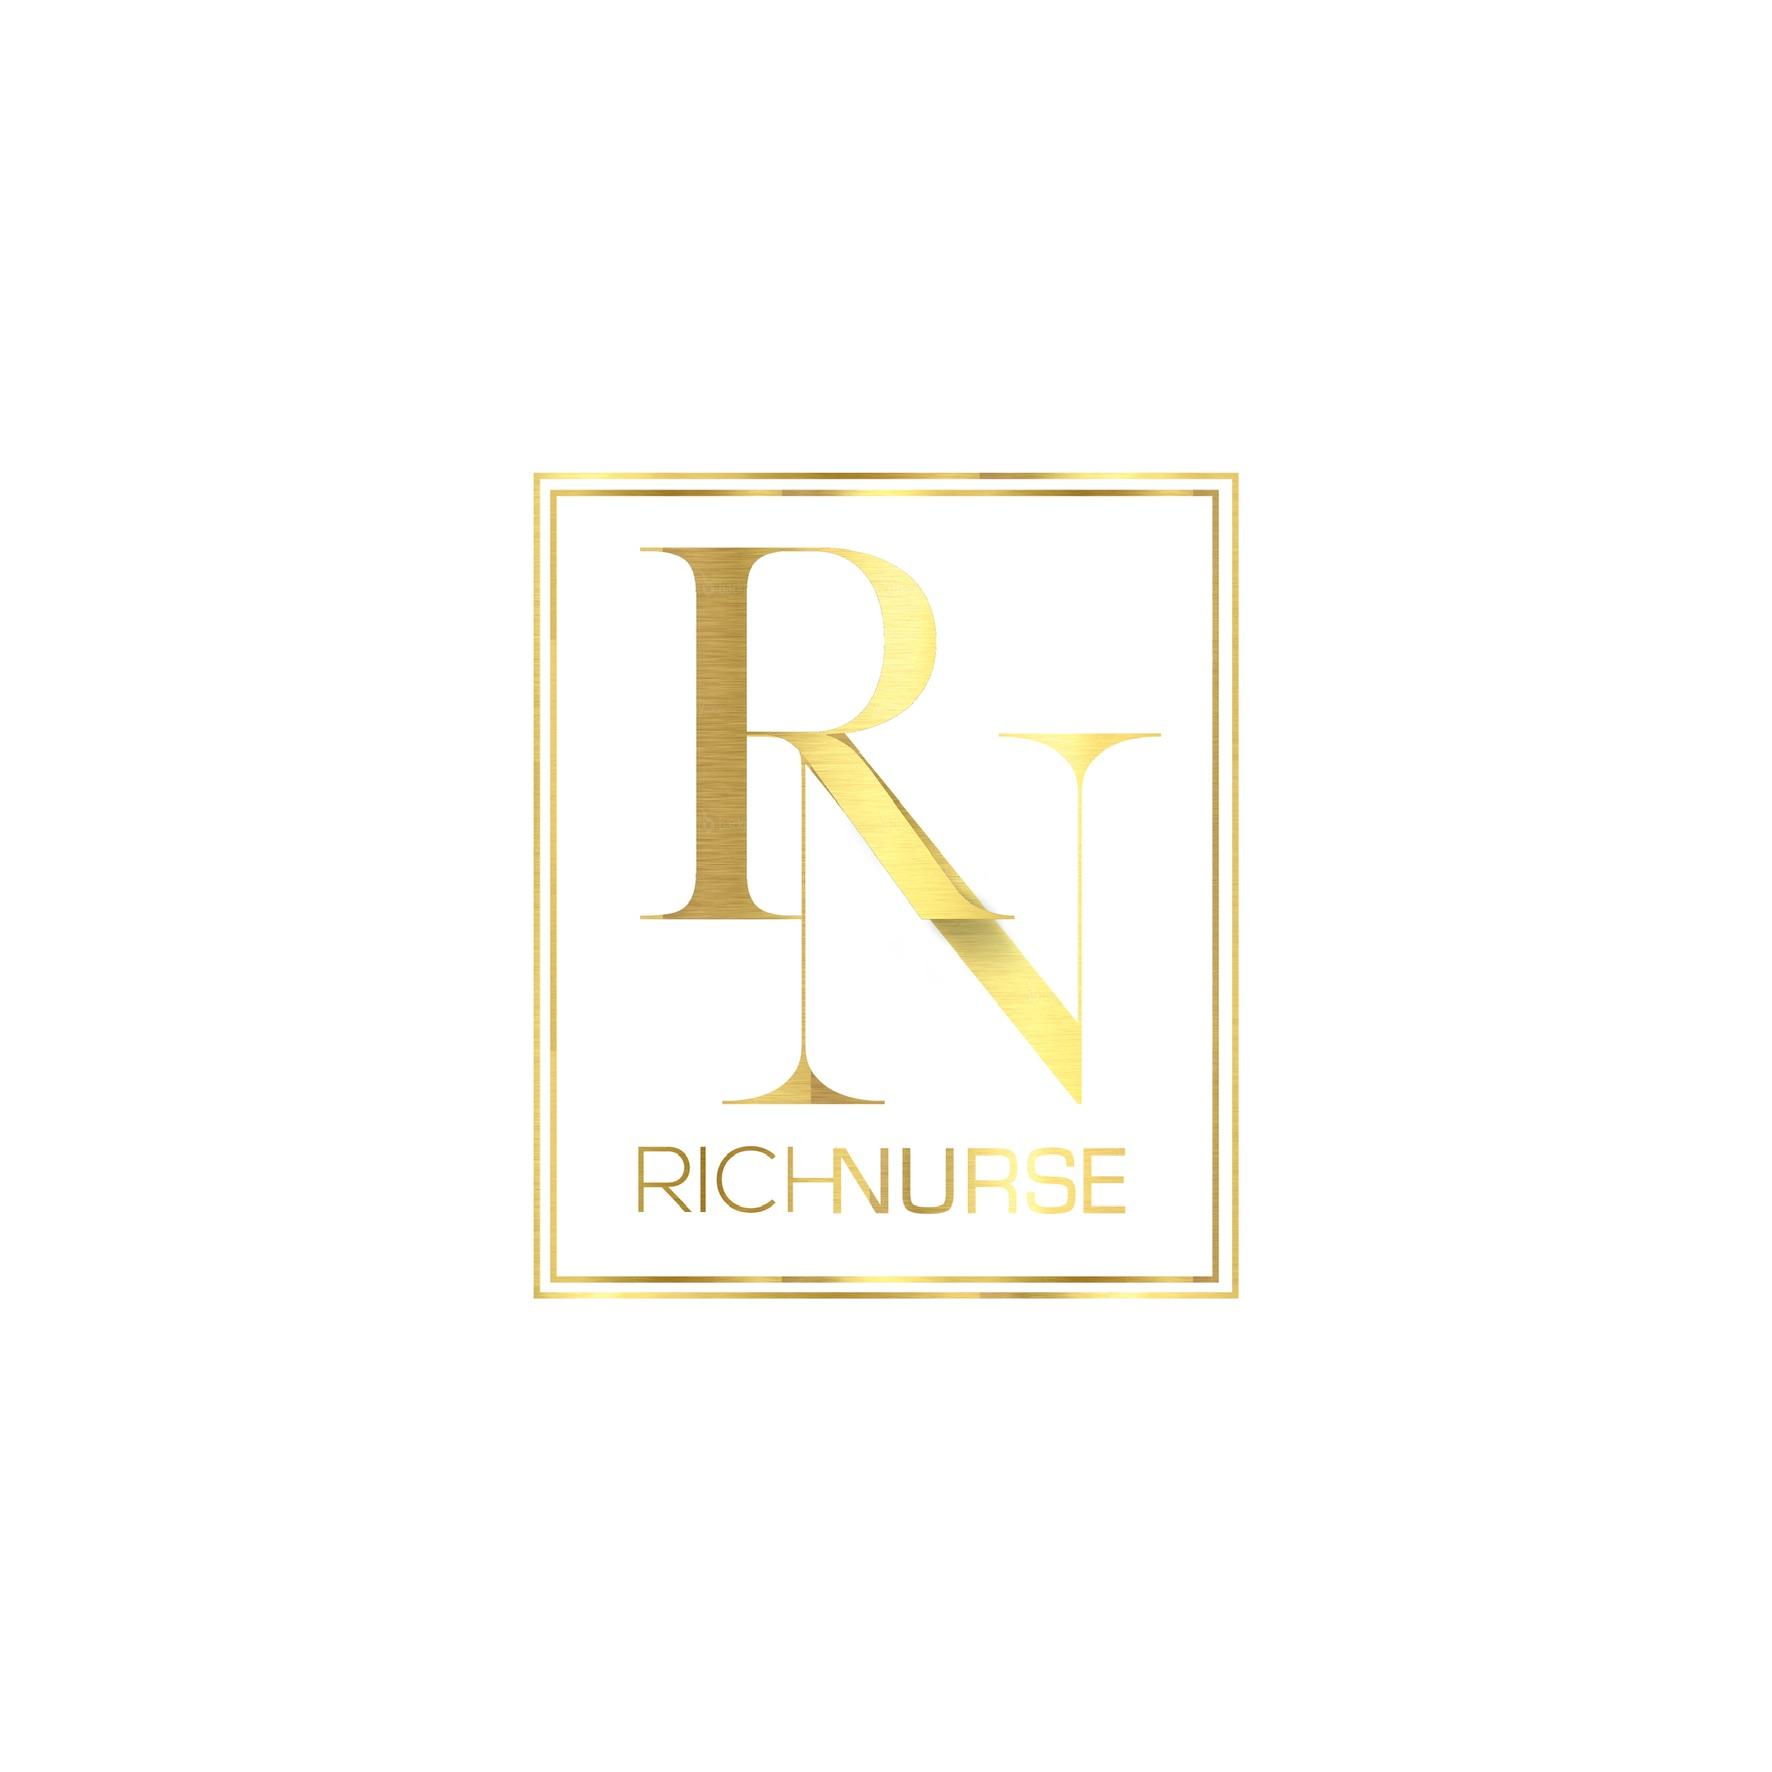 RichNurse